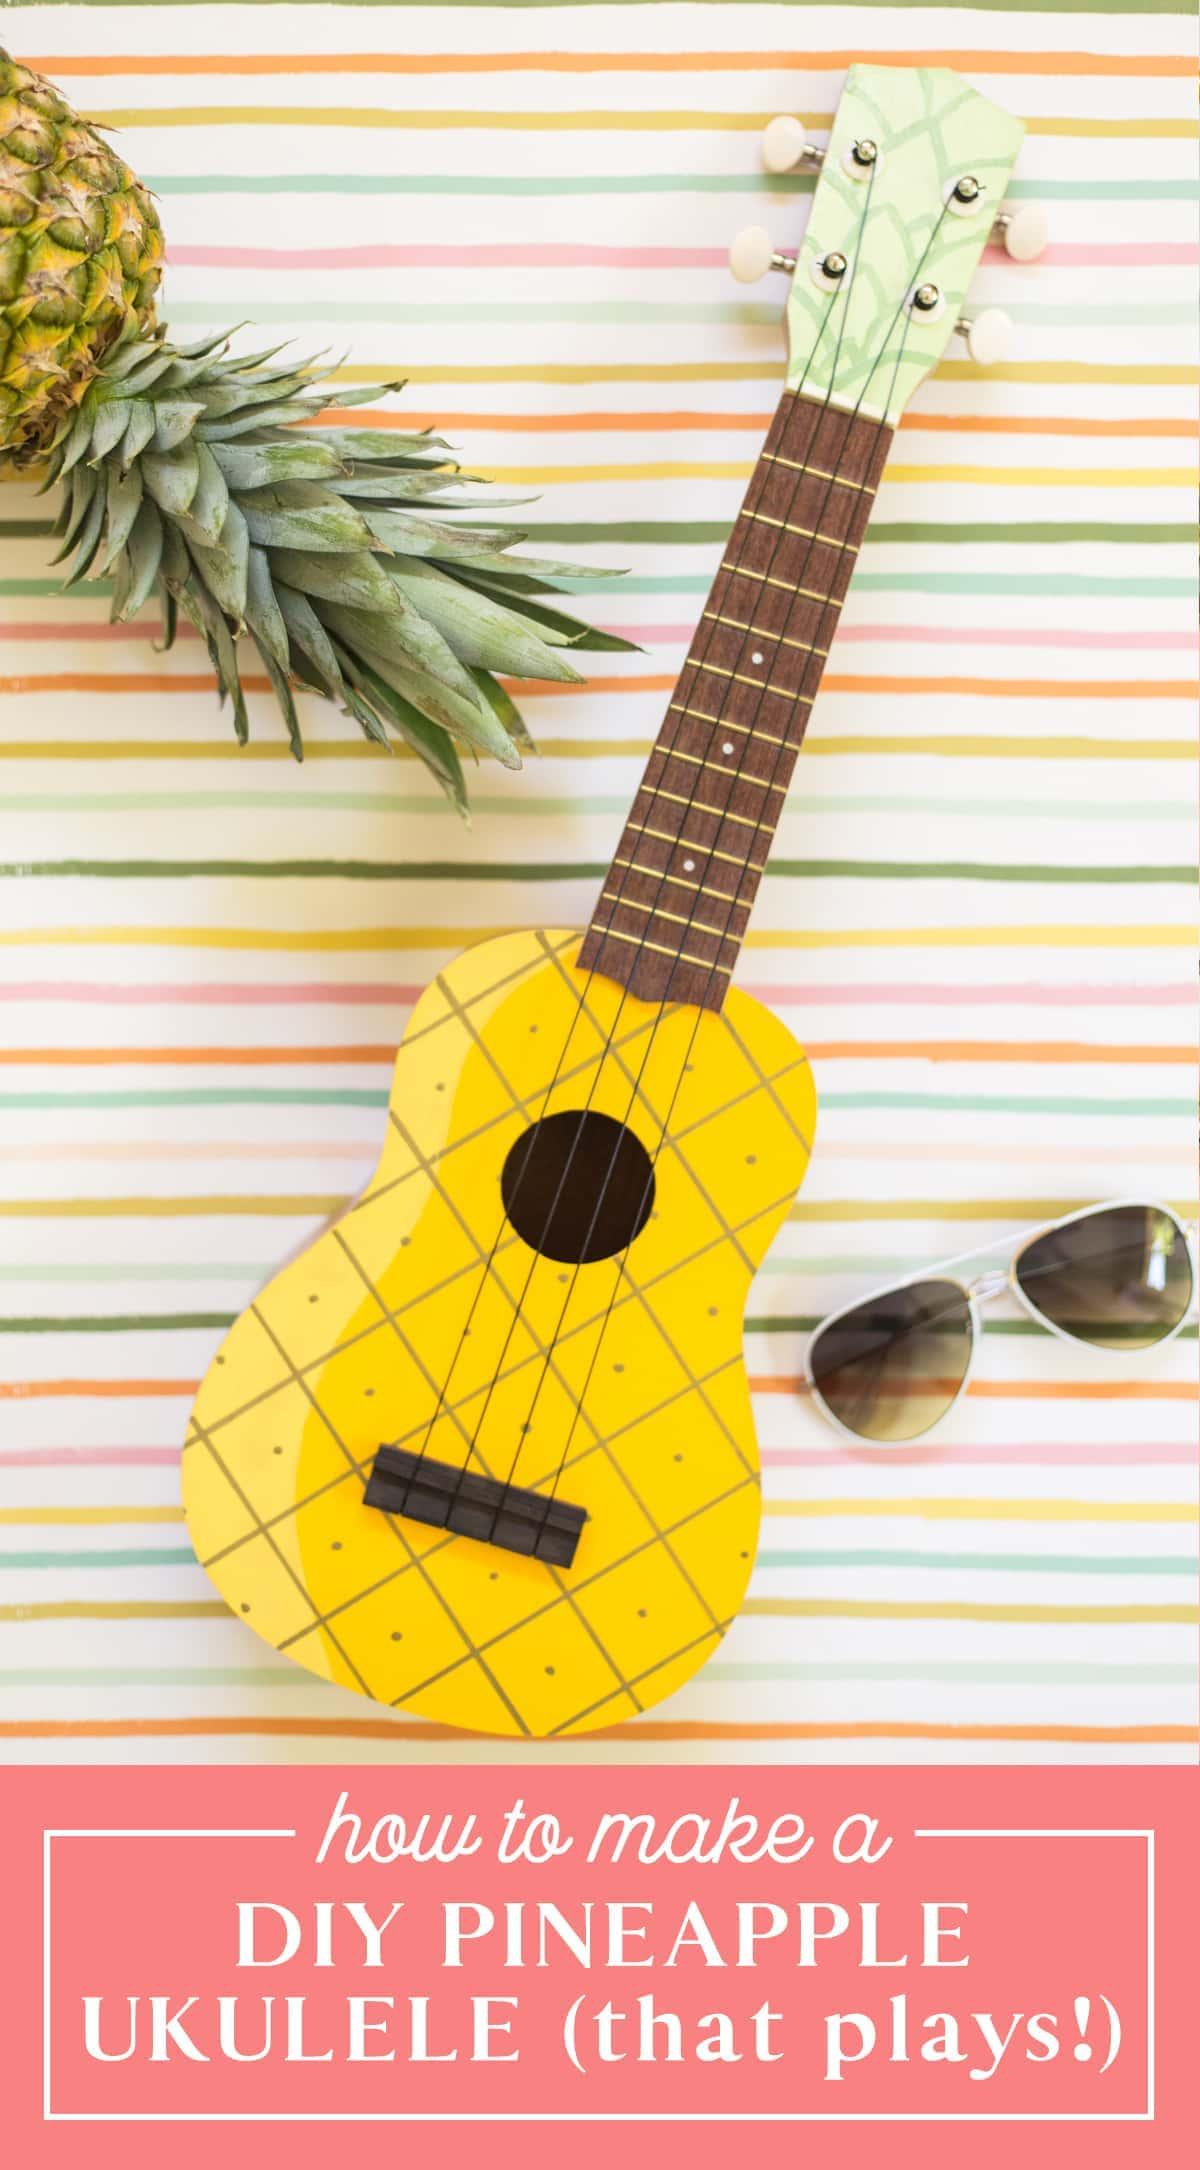 hogyan készítsünk ananász ukulele-t